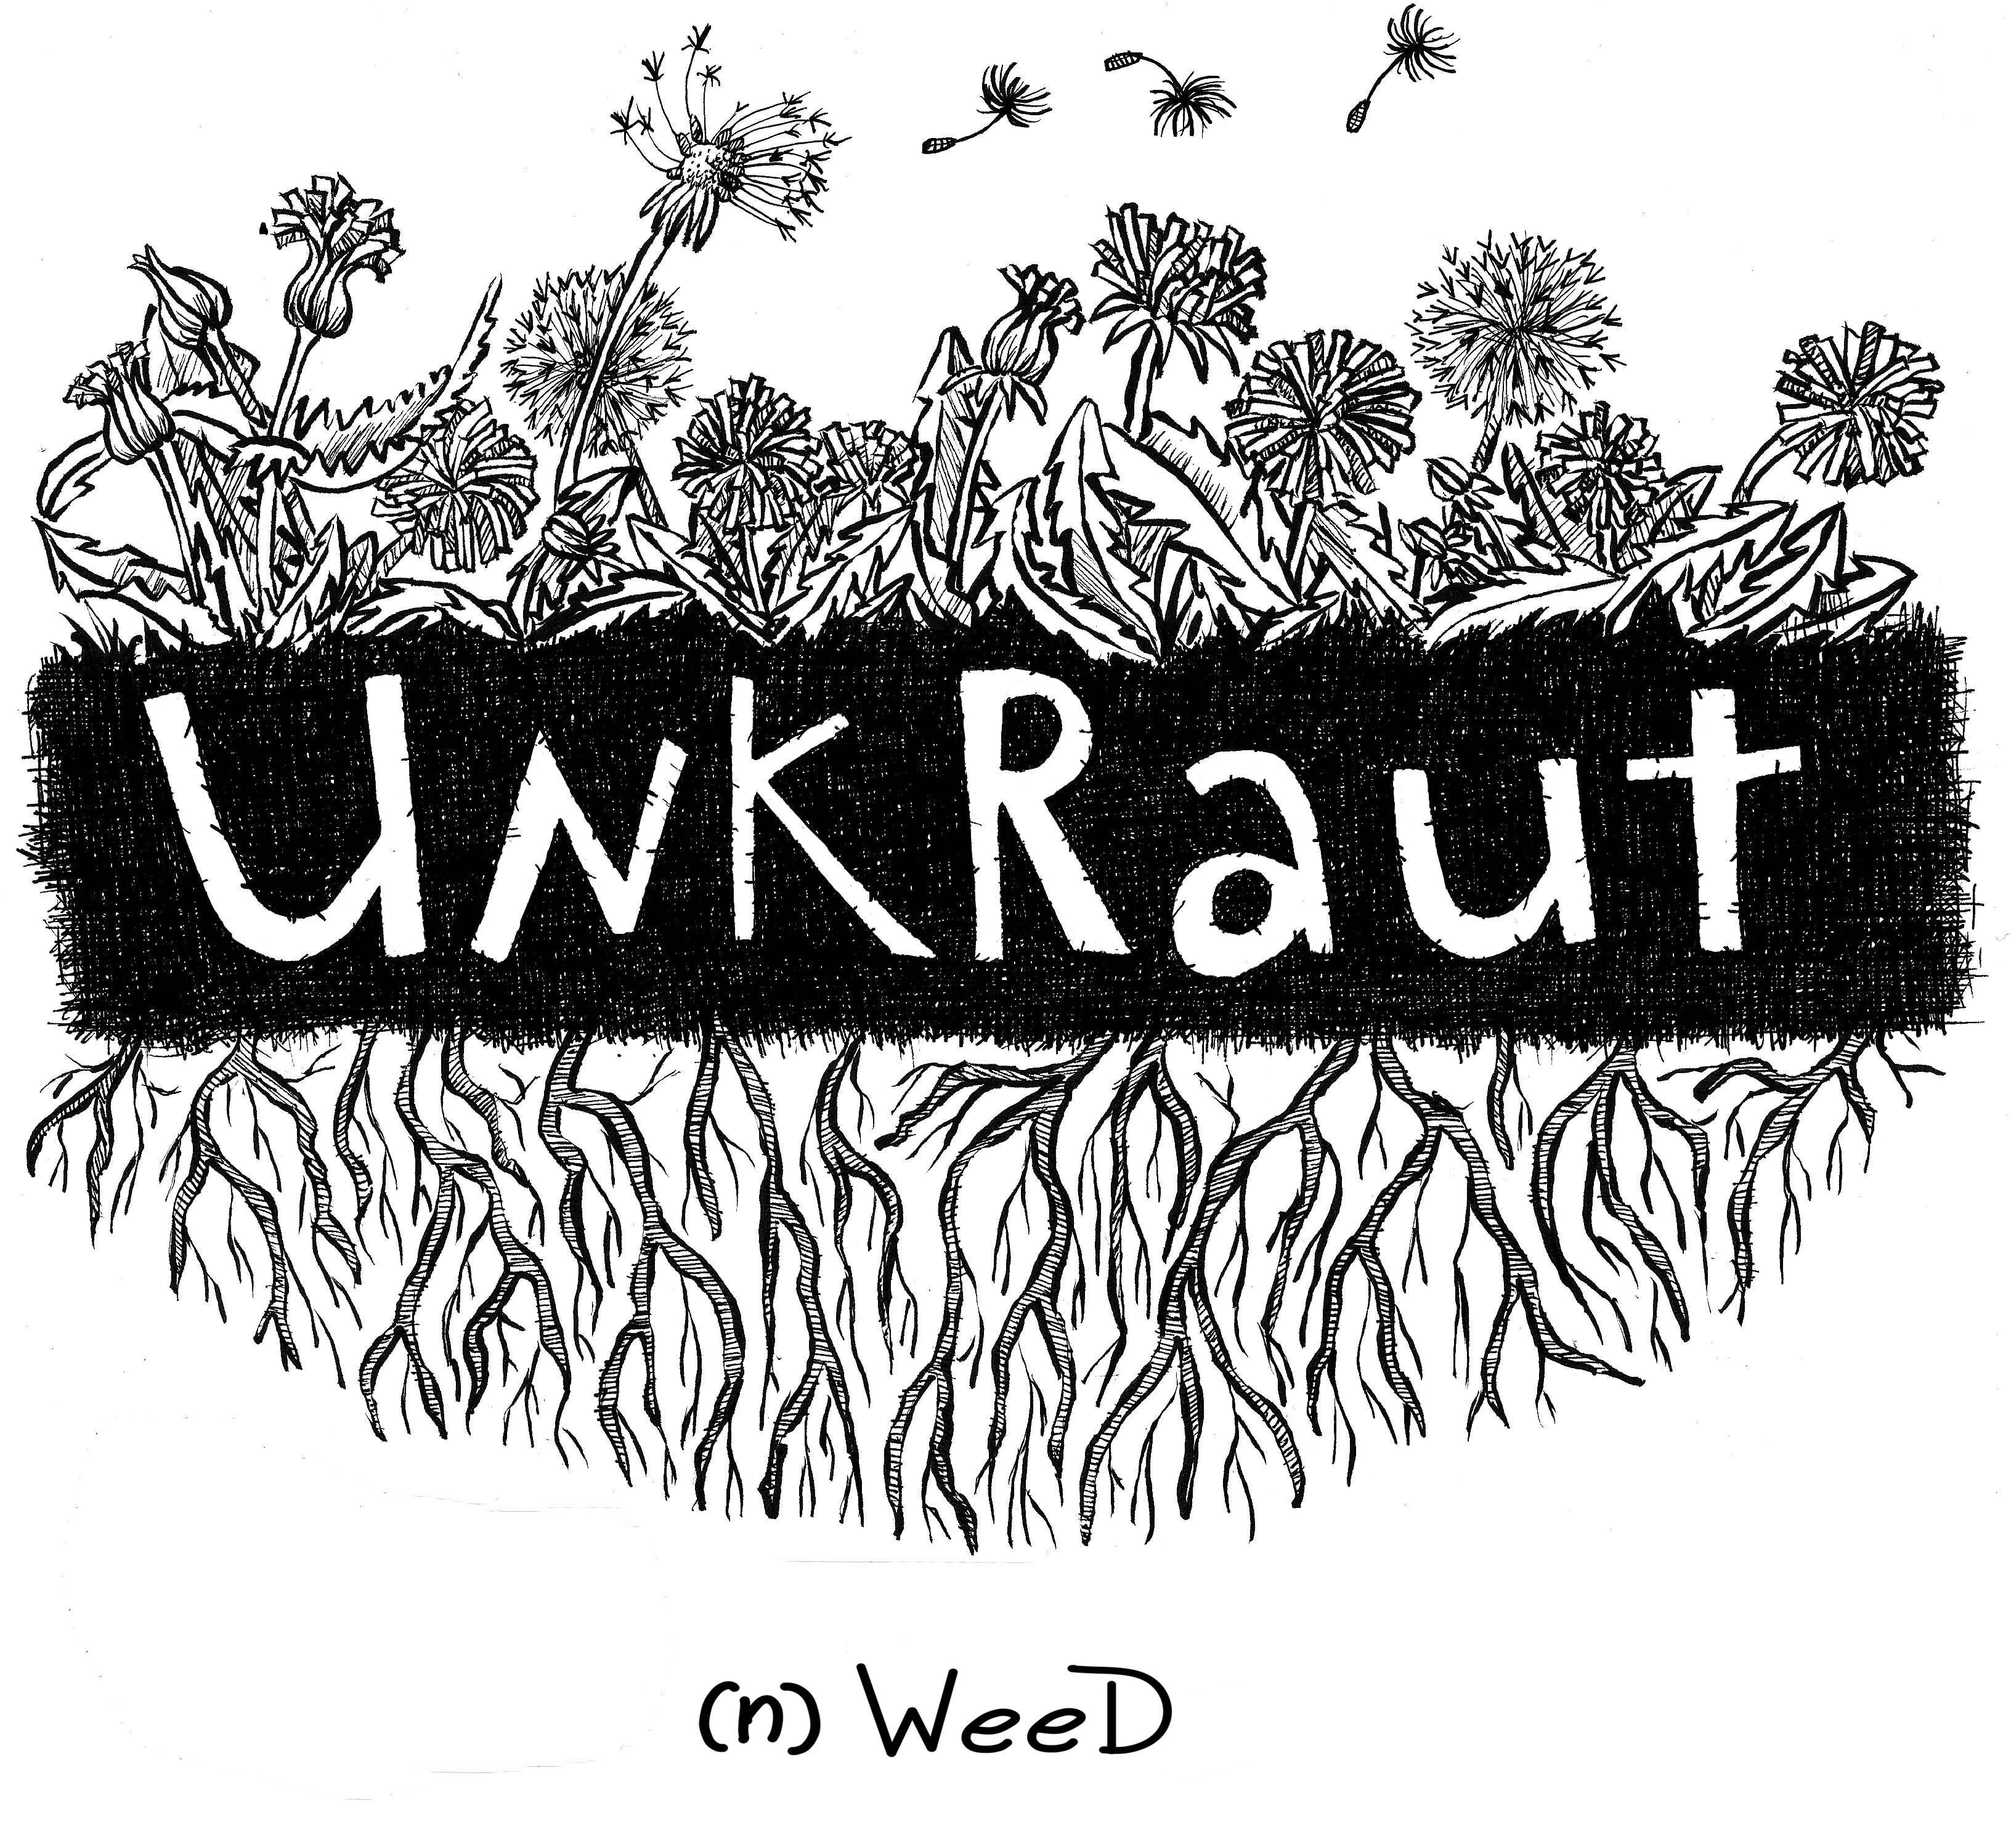 Daily Deutsch: Unkraut